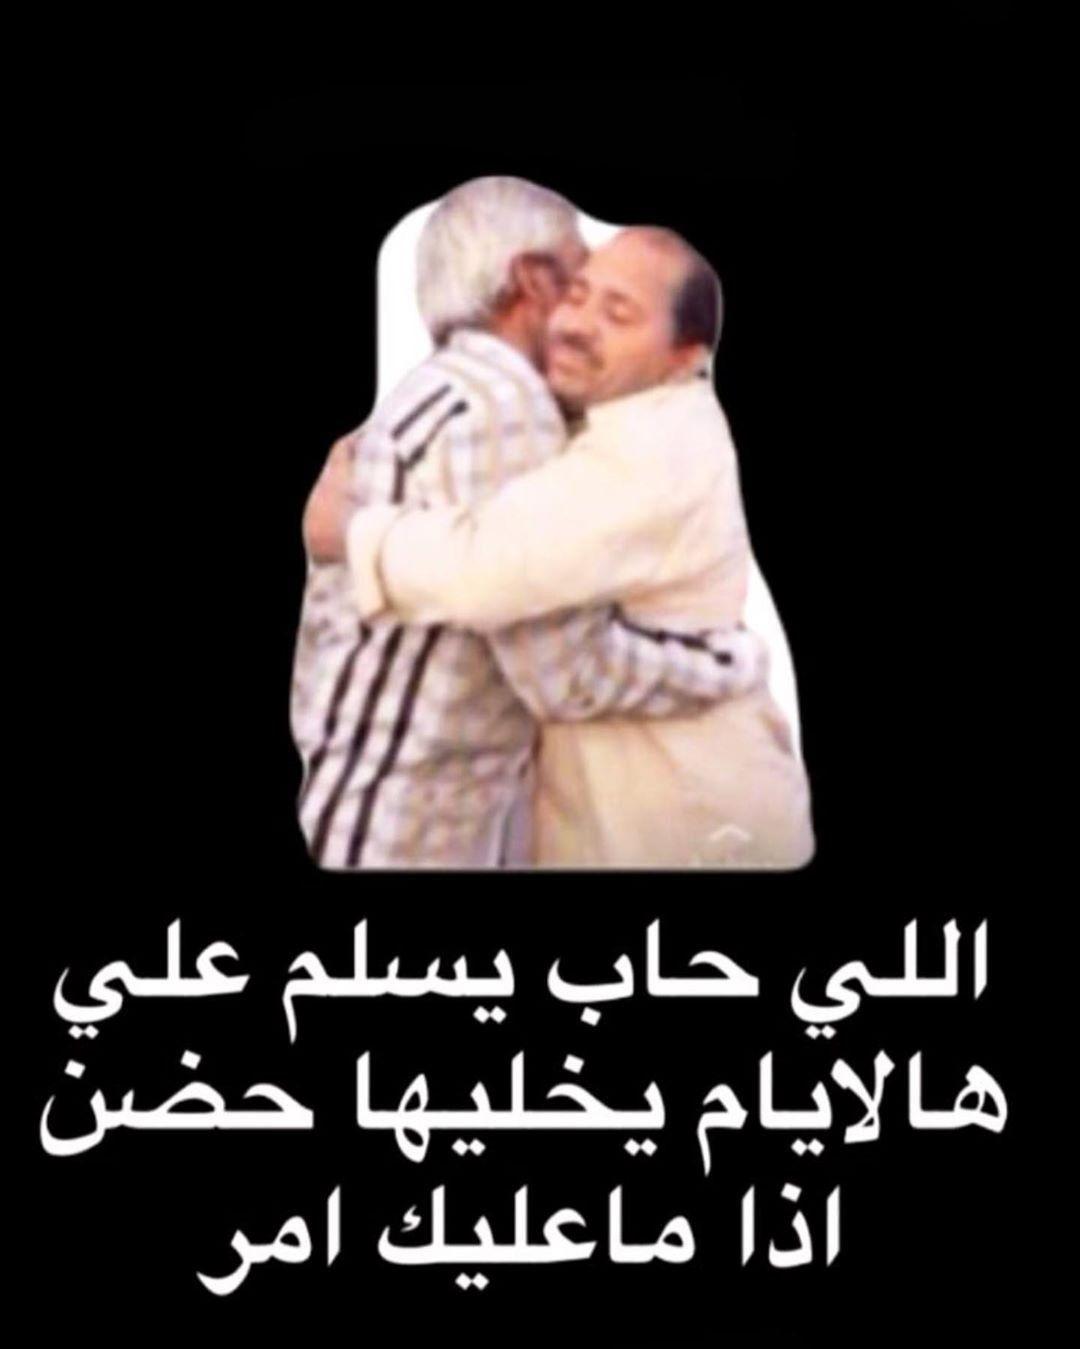 نفسيه صفر هالايام Fun Quotes Funny Funny Arabic Quotes Arabic Funny